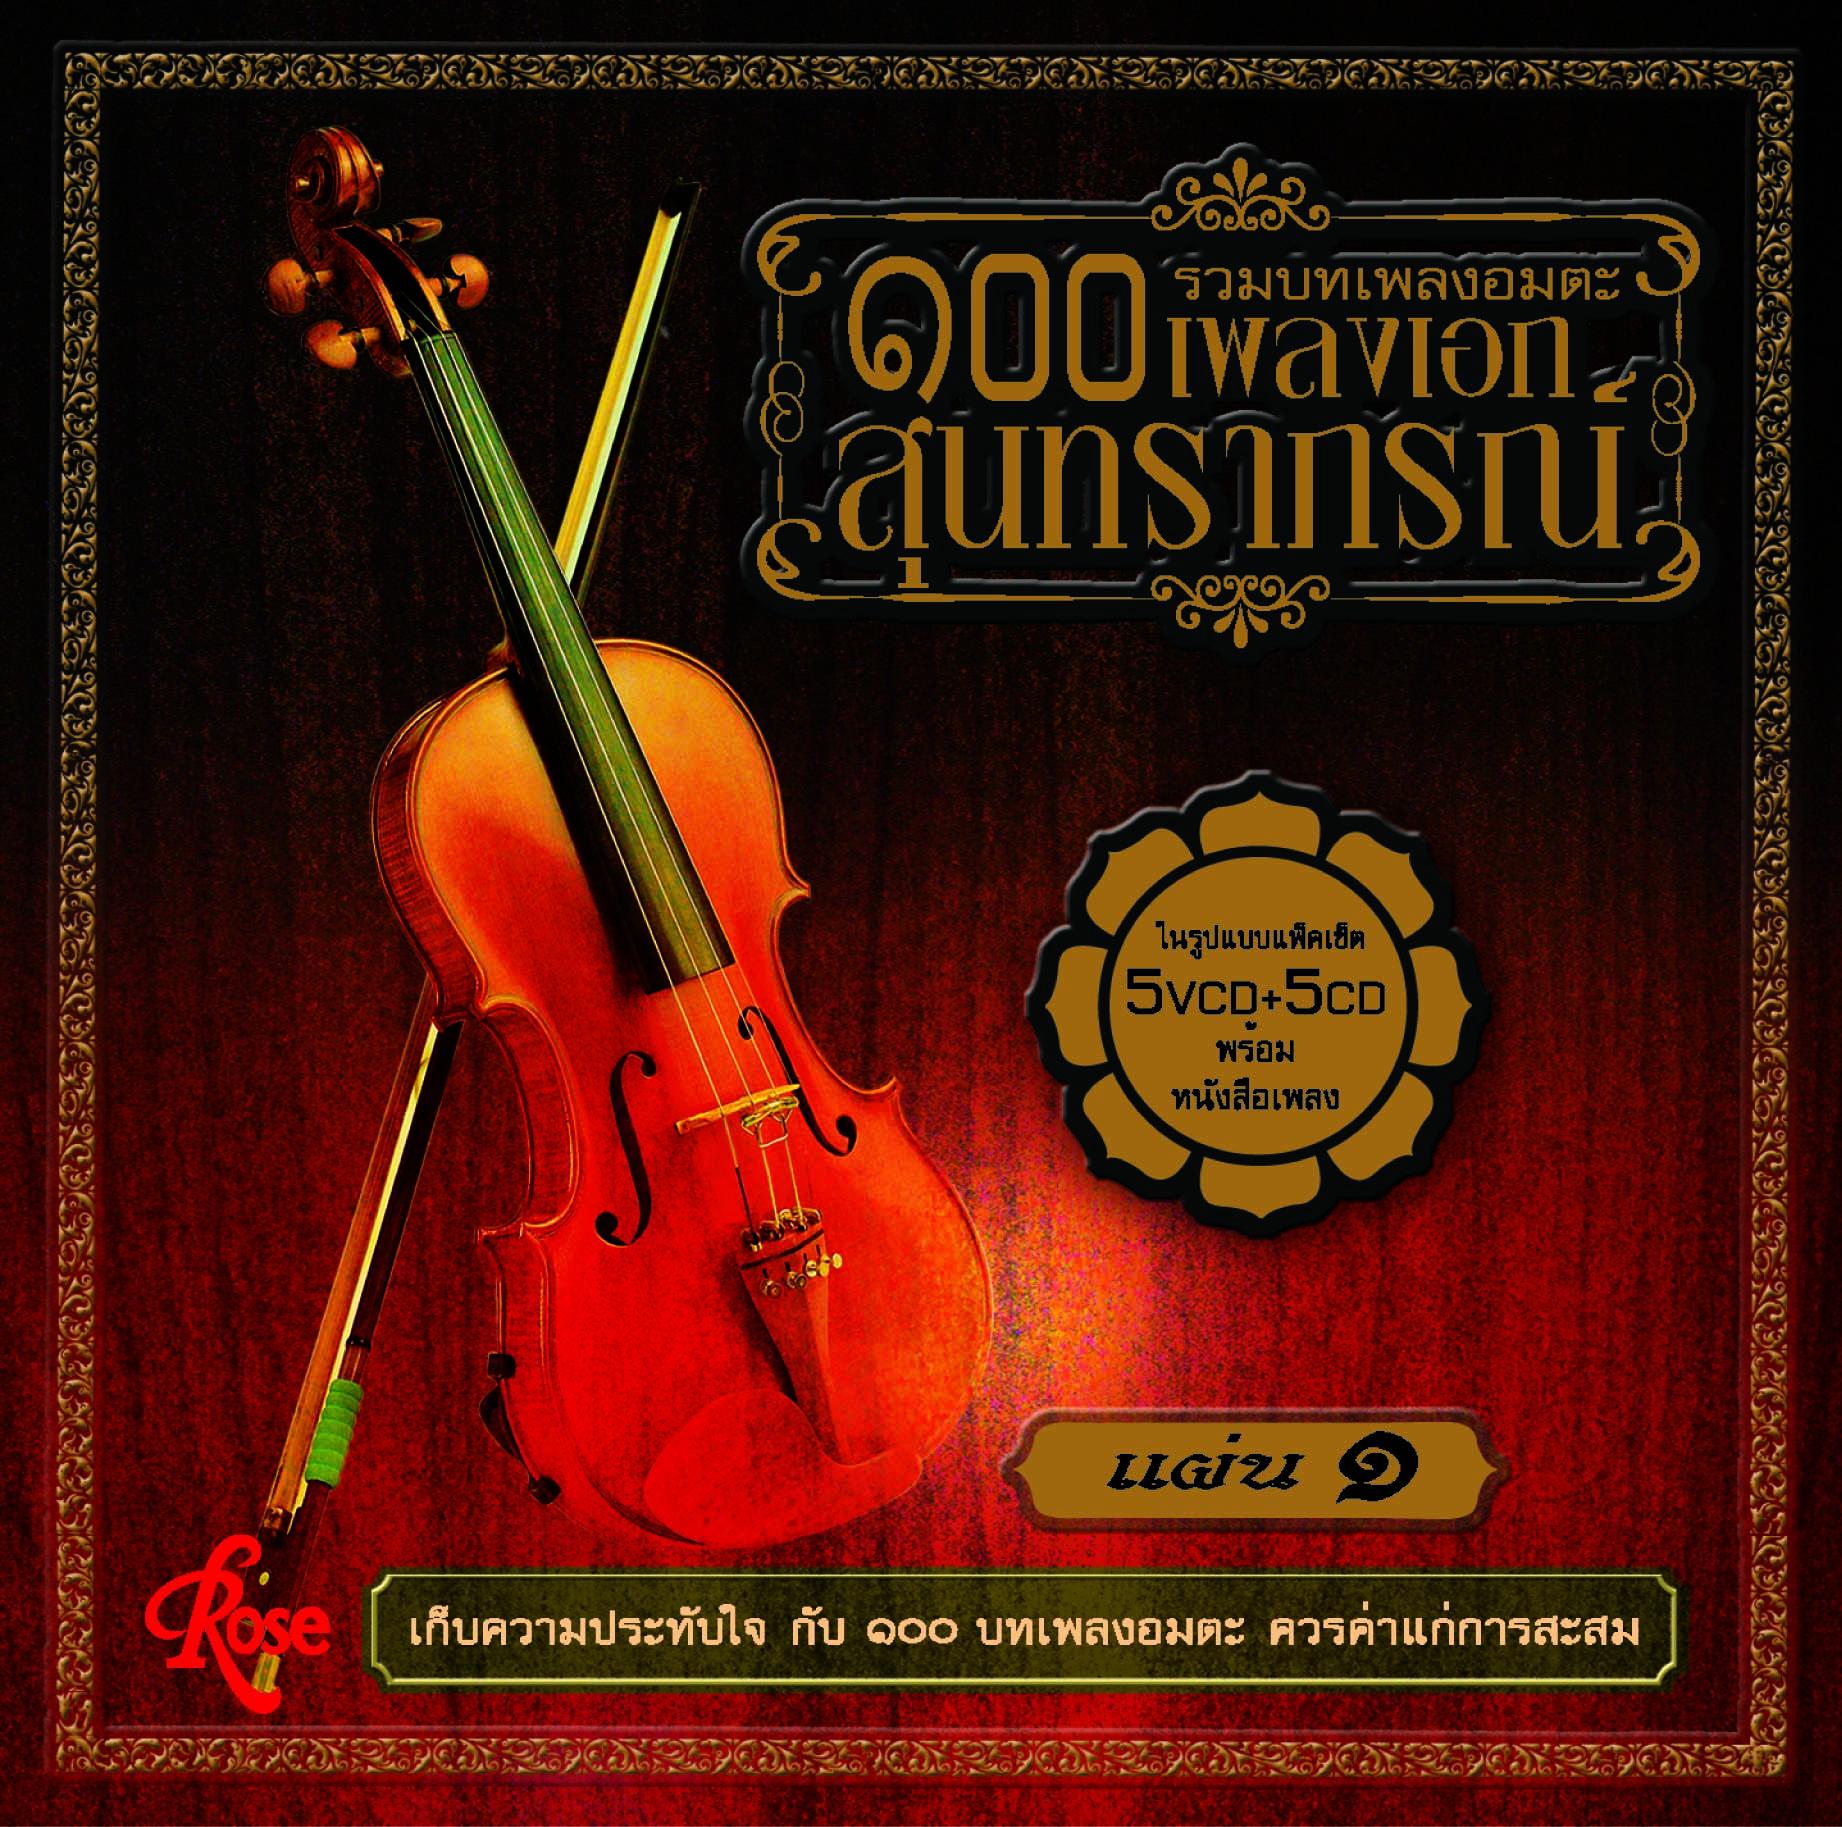 VCD+CD170001/100 เพลงเอกสุนทราภรณ์ /1199